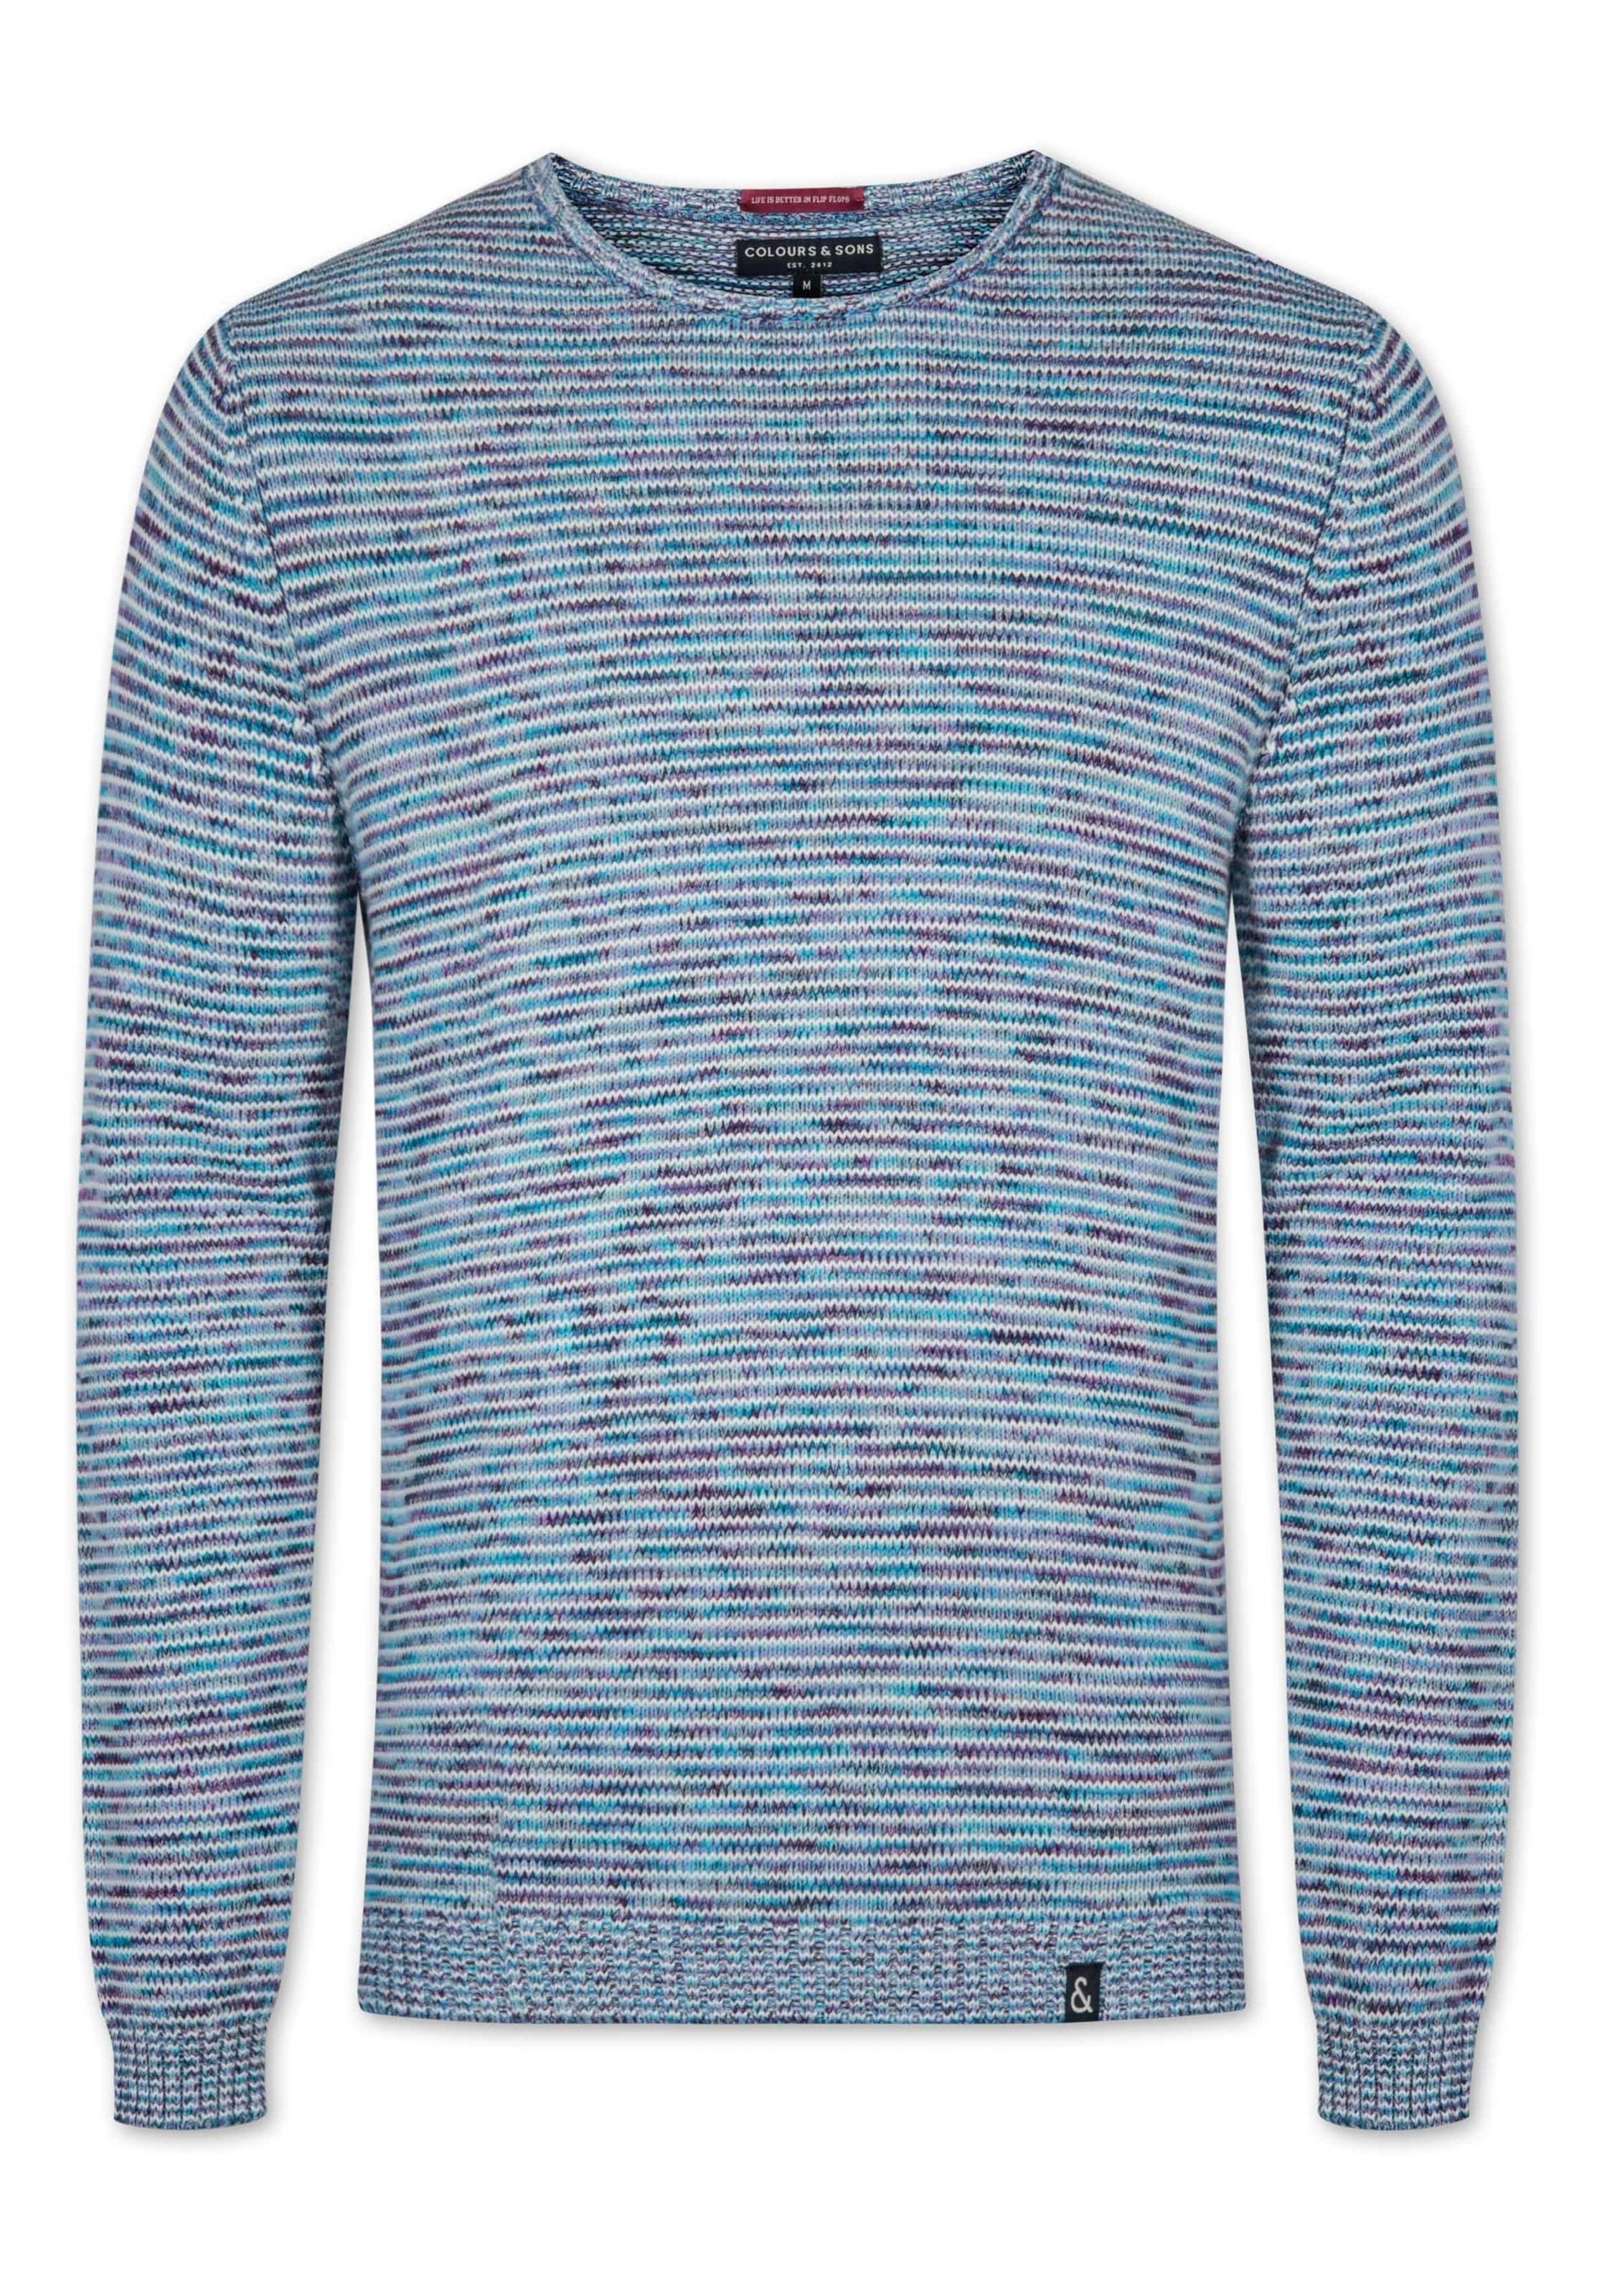 Coloursamp; Himmelblau Sons IndigoRauchblau 'sean' Weiß Pullover In NvwmnO80